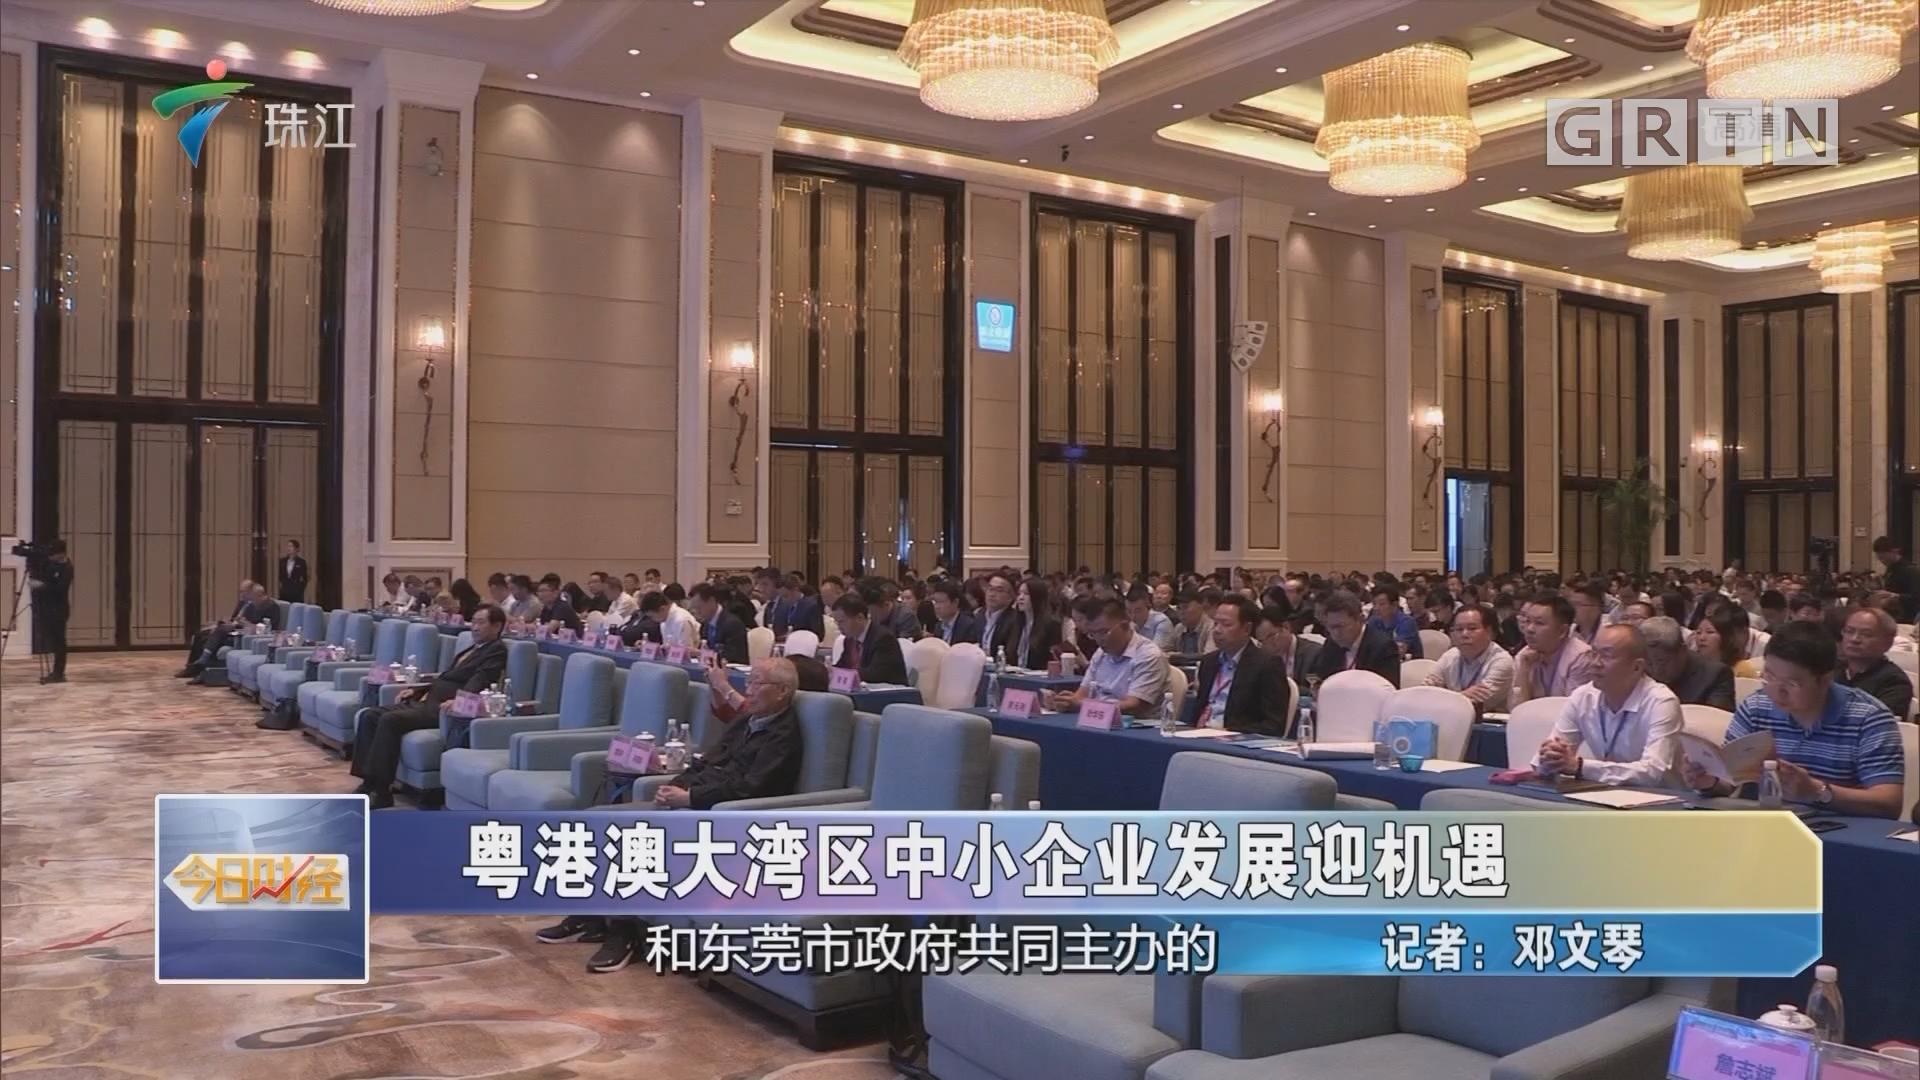 粵港澳大灣區中小企業發展迎機遇